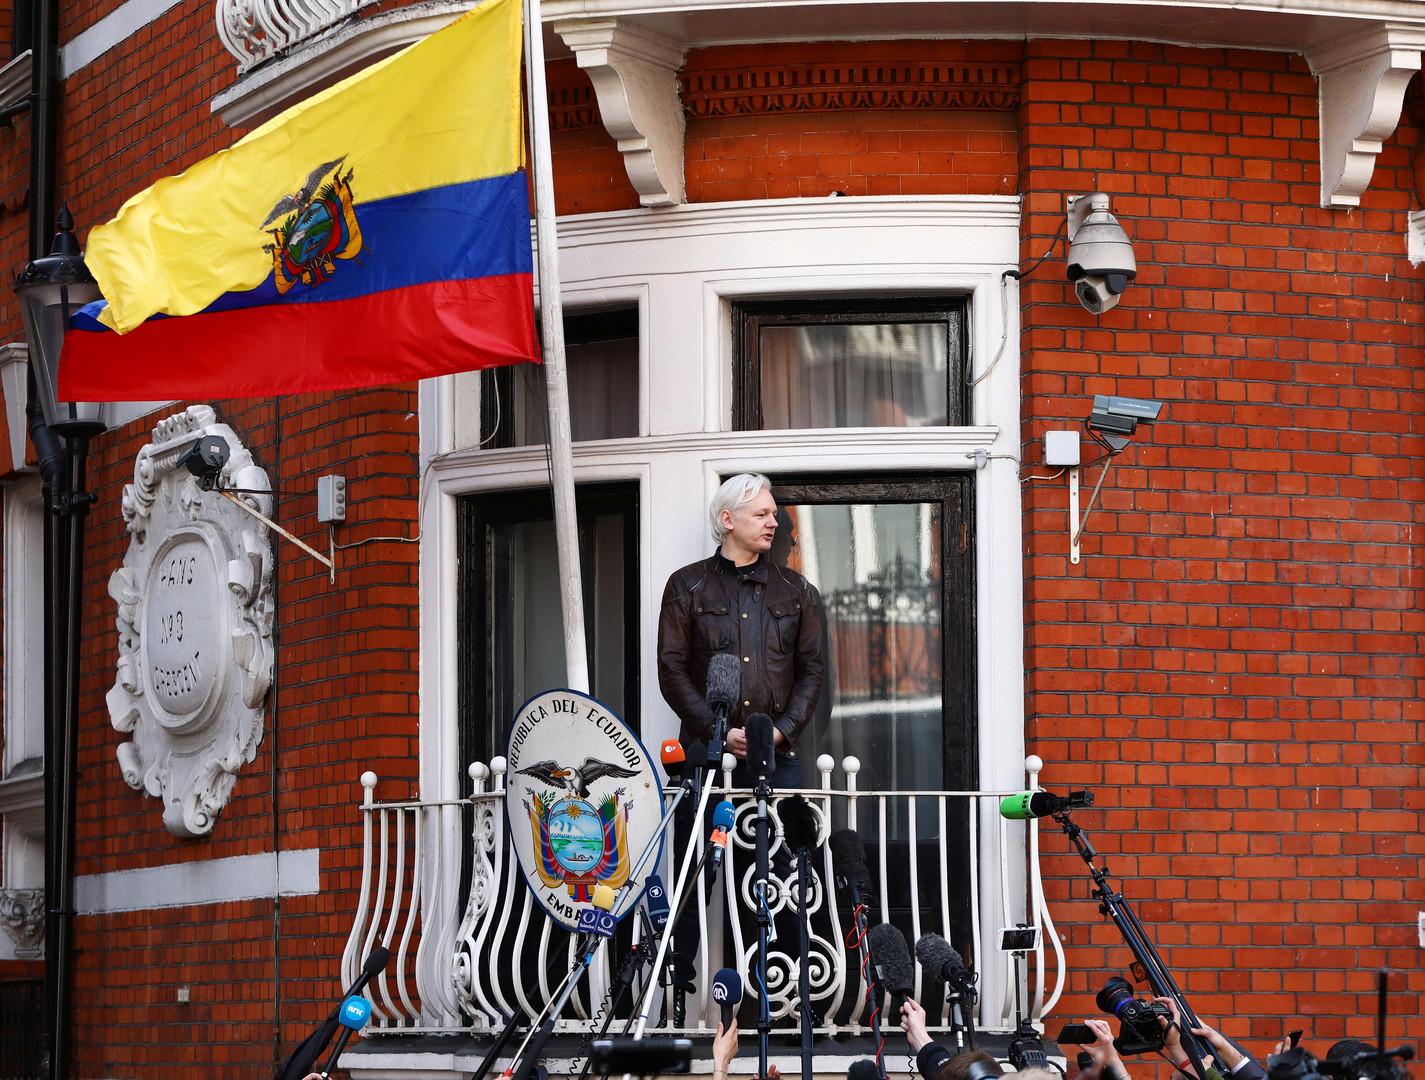 وزير إكوادوري سابق: الحديث عن وجود روس على علاقة بأسانج من اختراع حكومة الإكوادور